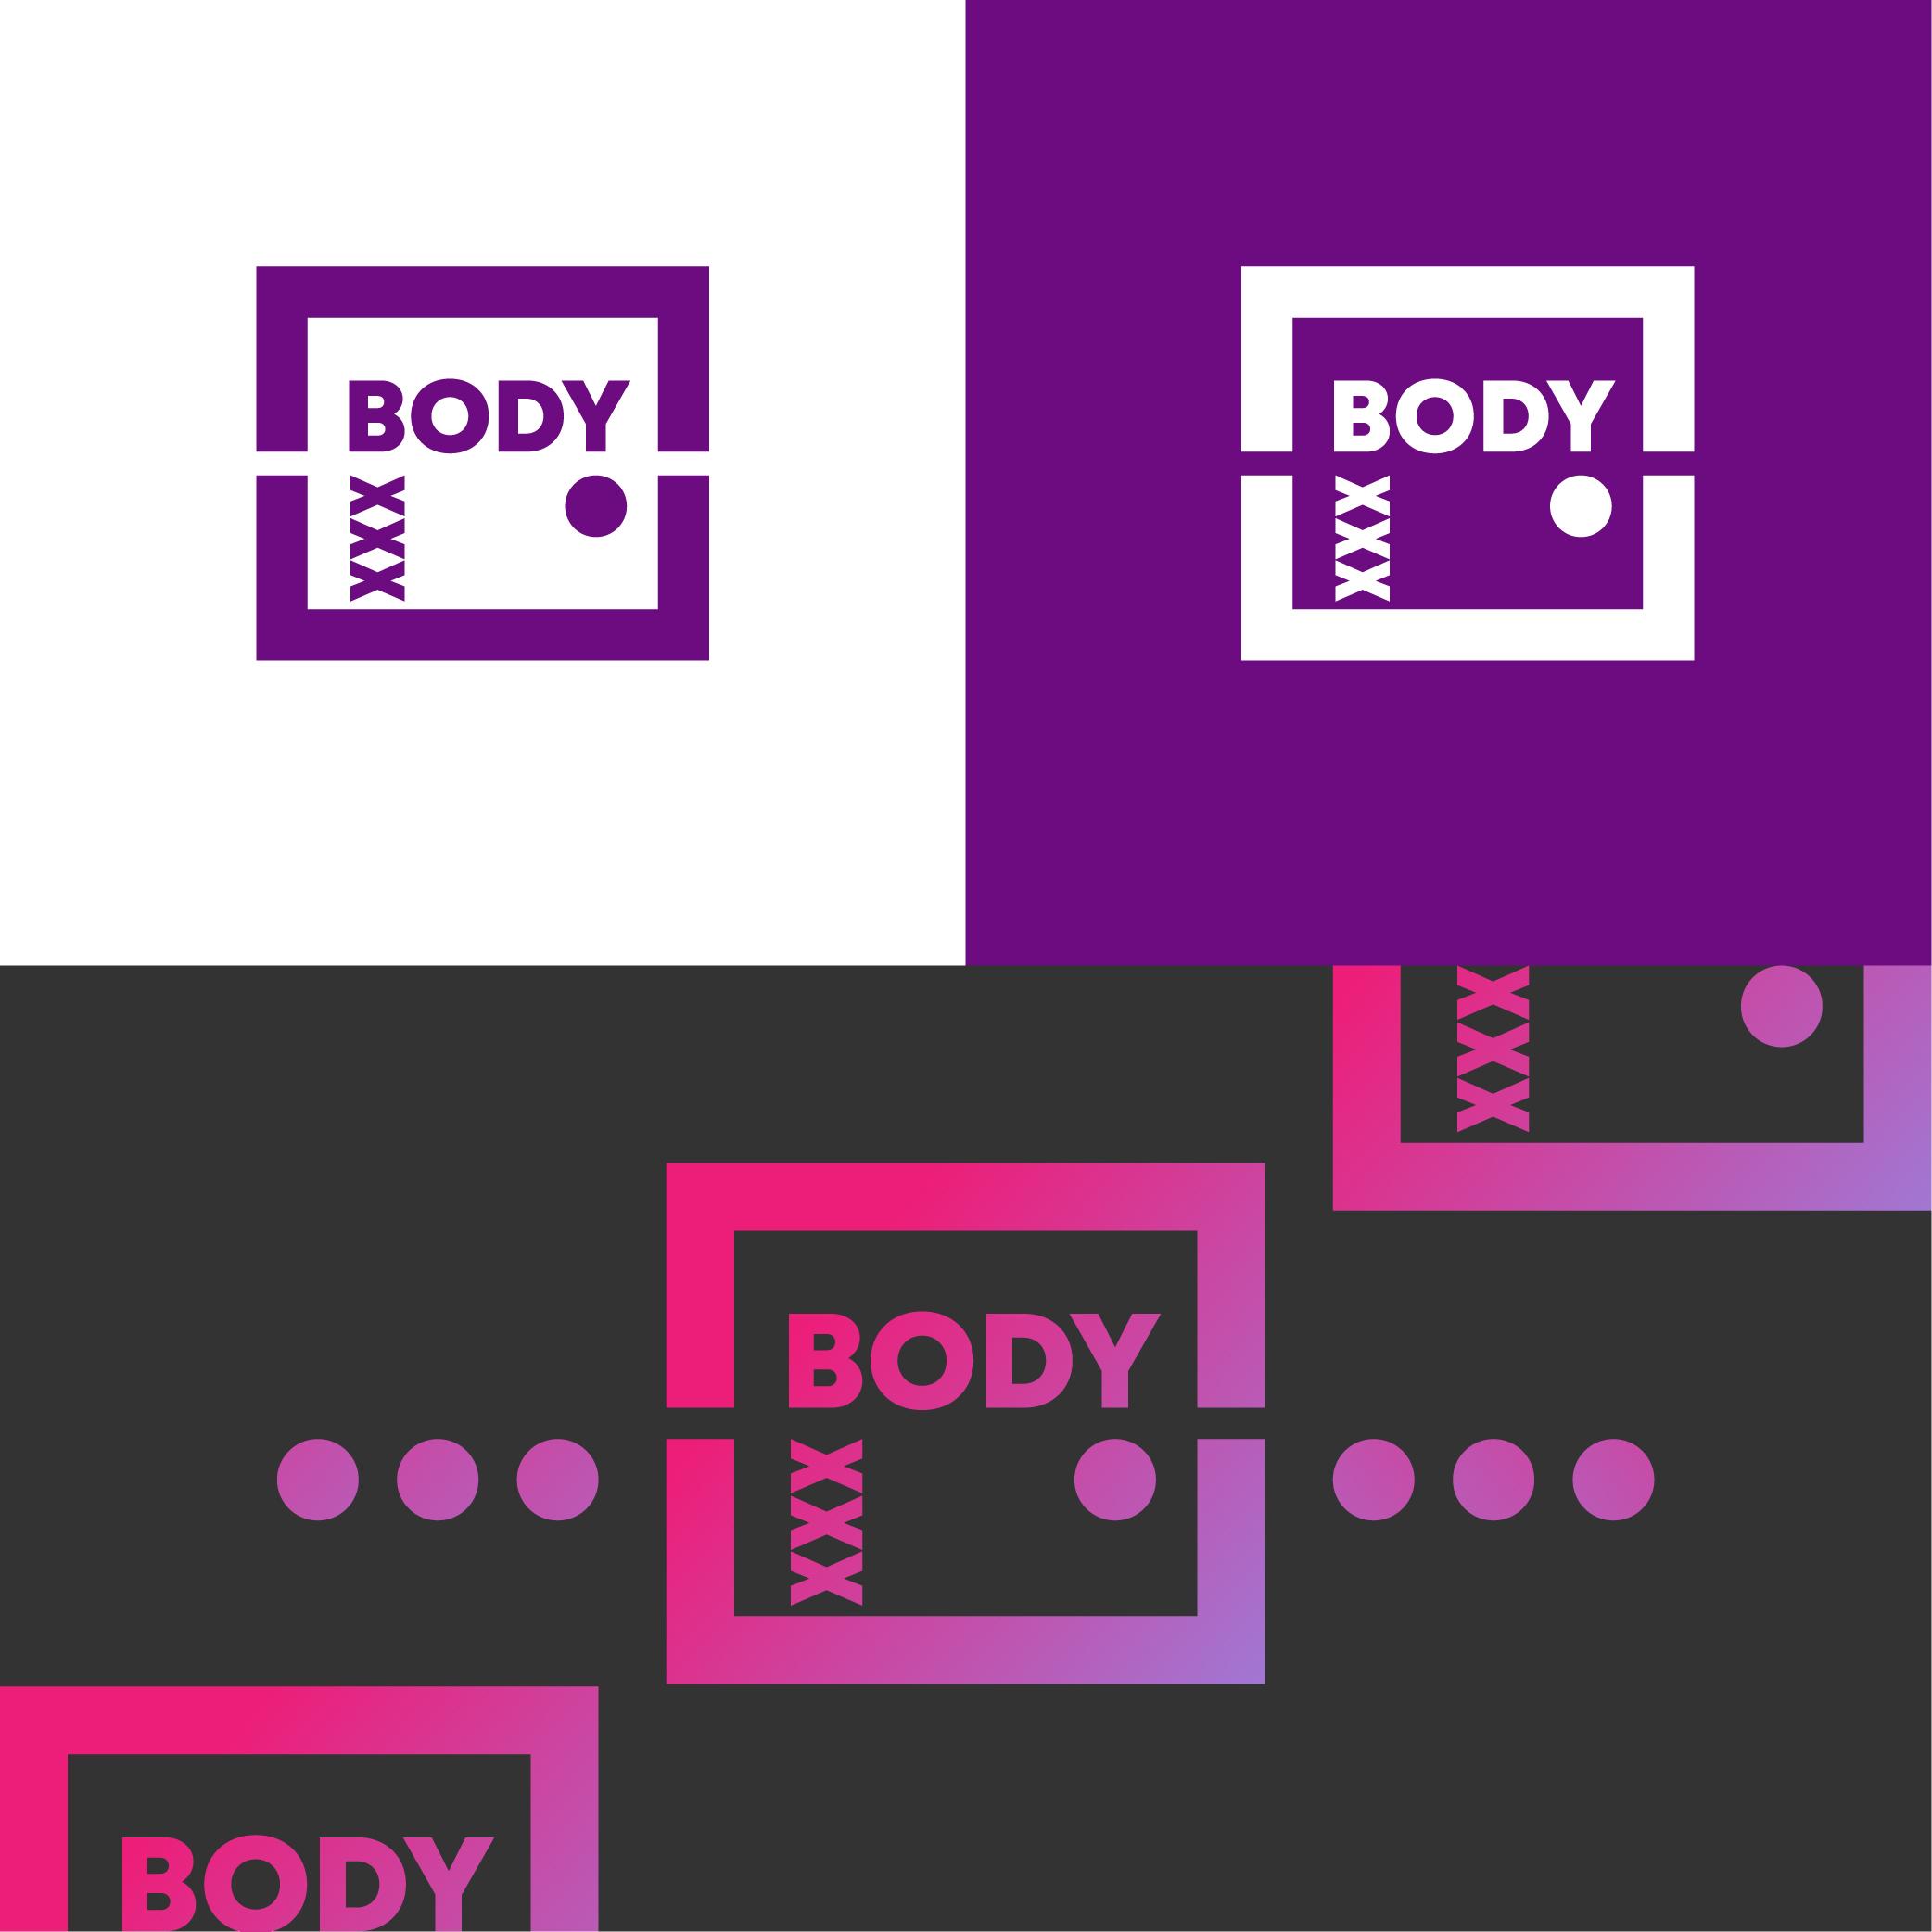 Разработка логотипа (видеоблог для моделей) фото f_0555b1fb41282e05.jpg